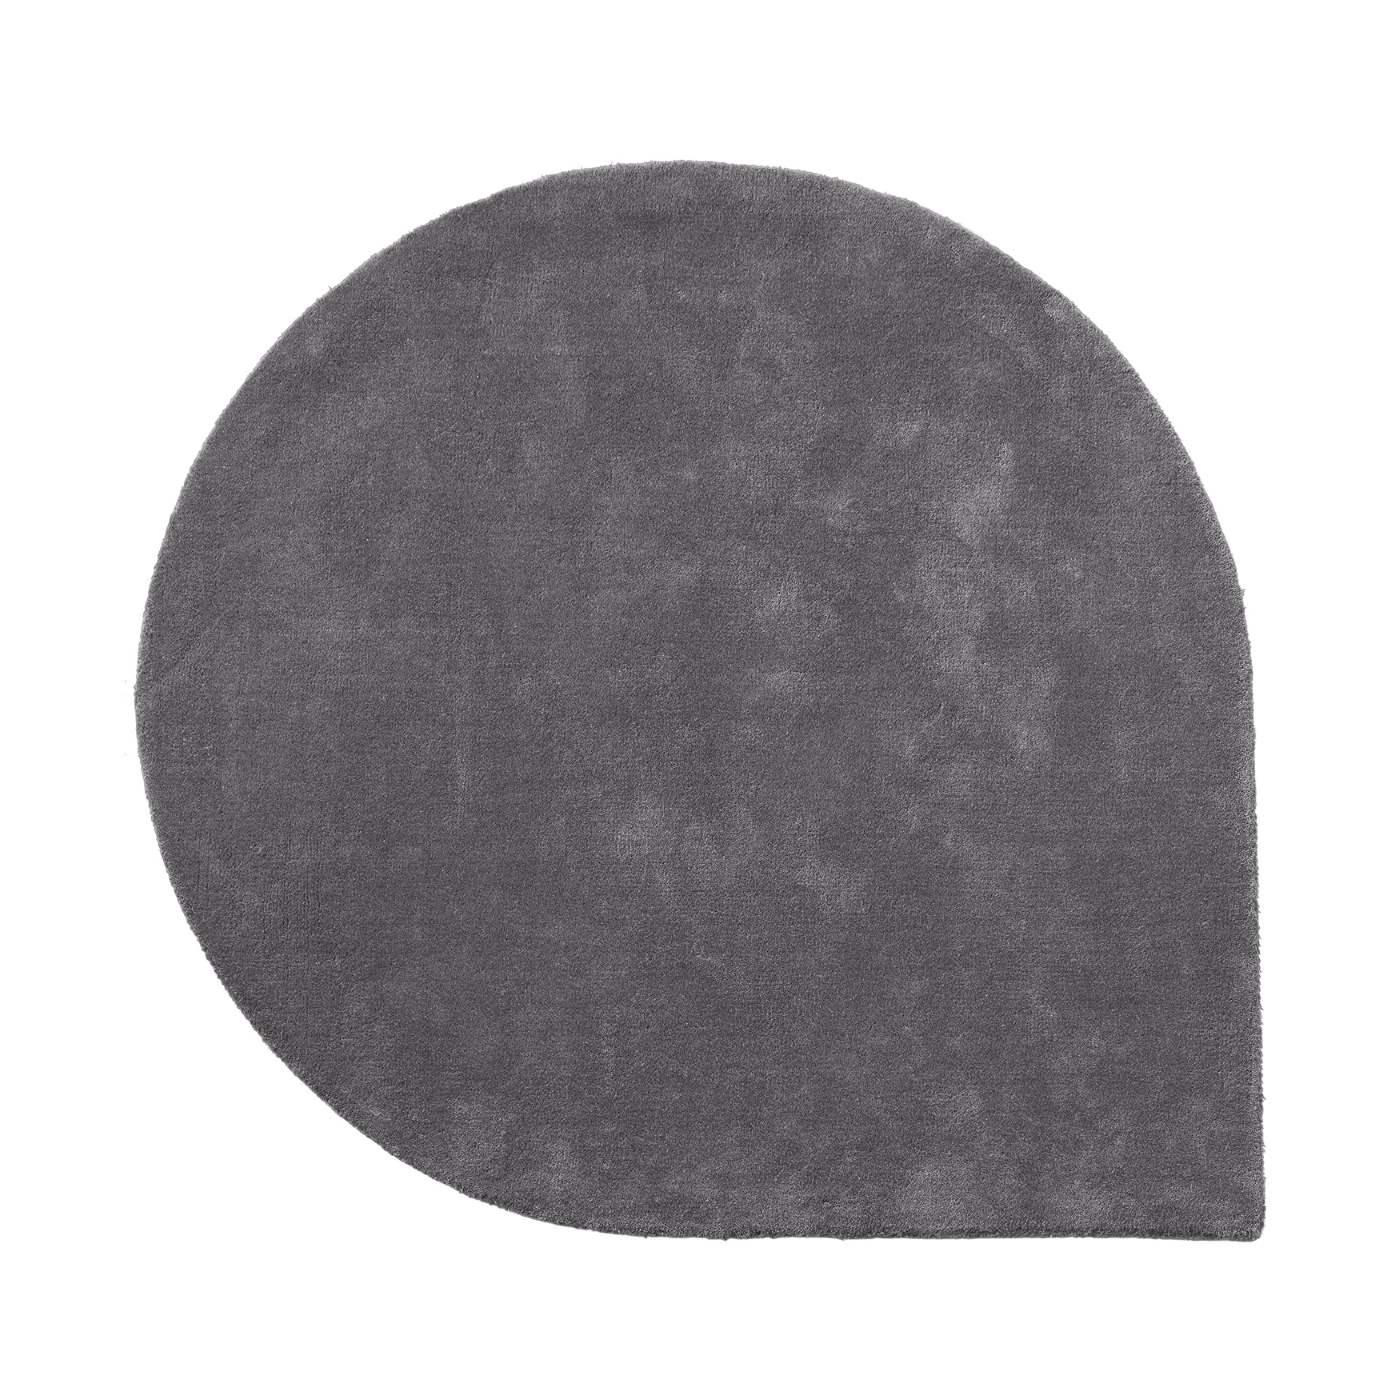 Droppformad matta STILLA grey large, AYTM